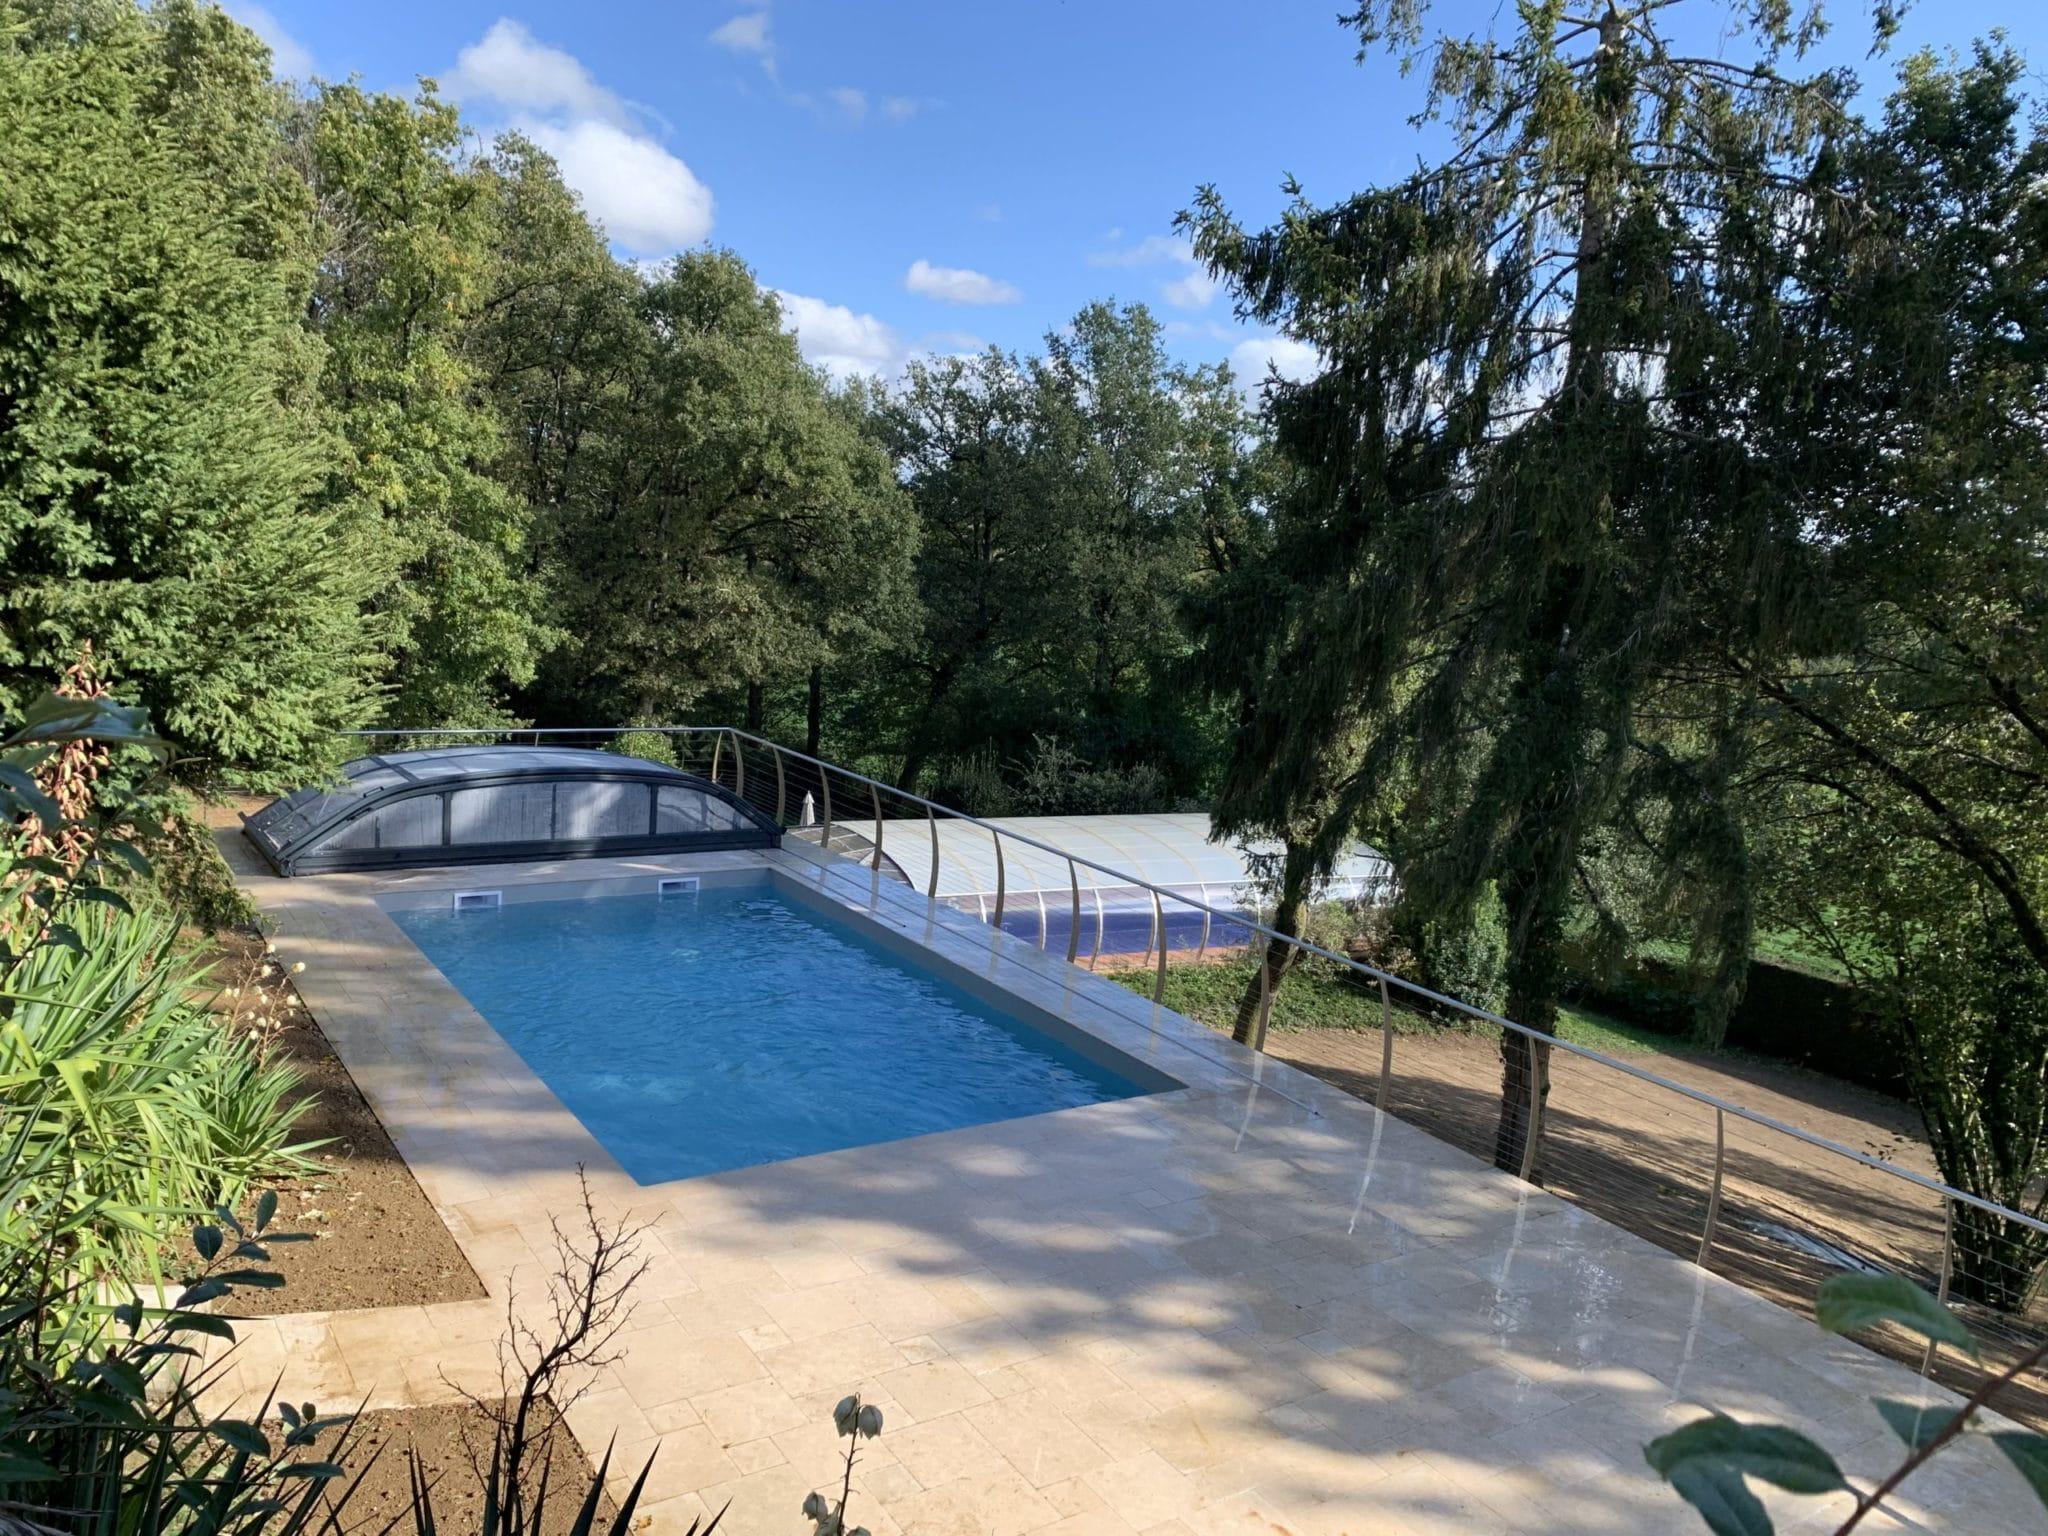 piscine traditionnelle cholet avec abri piscine réalisation